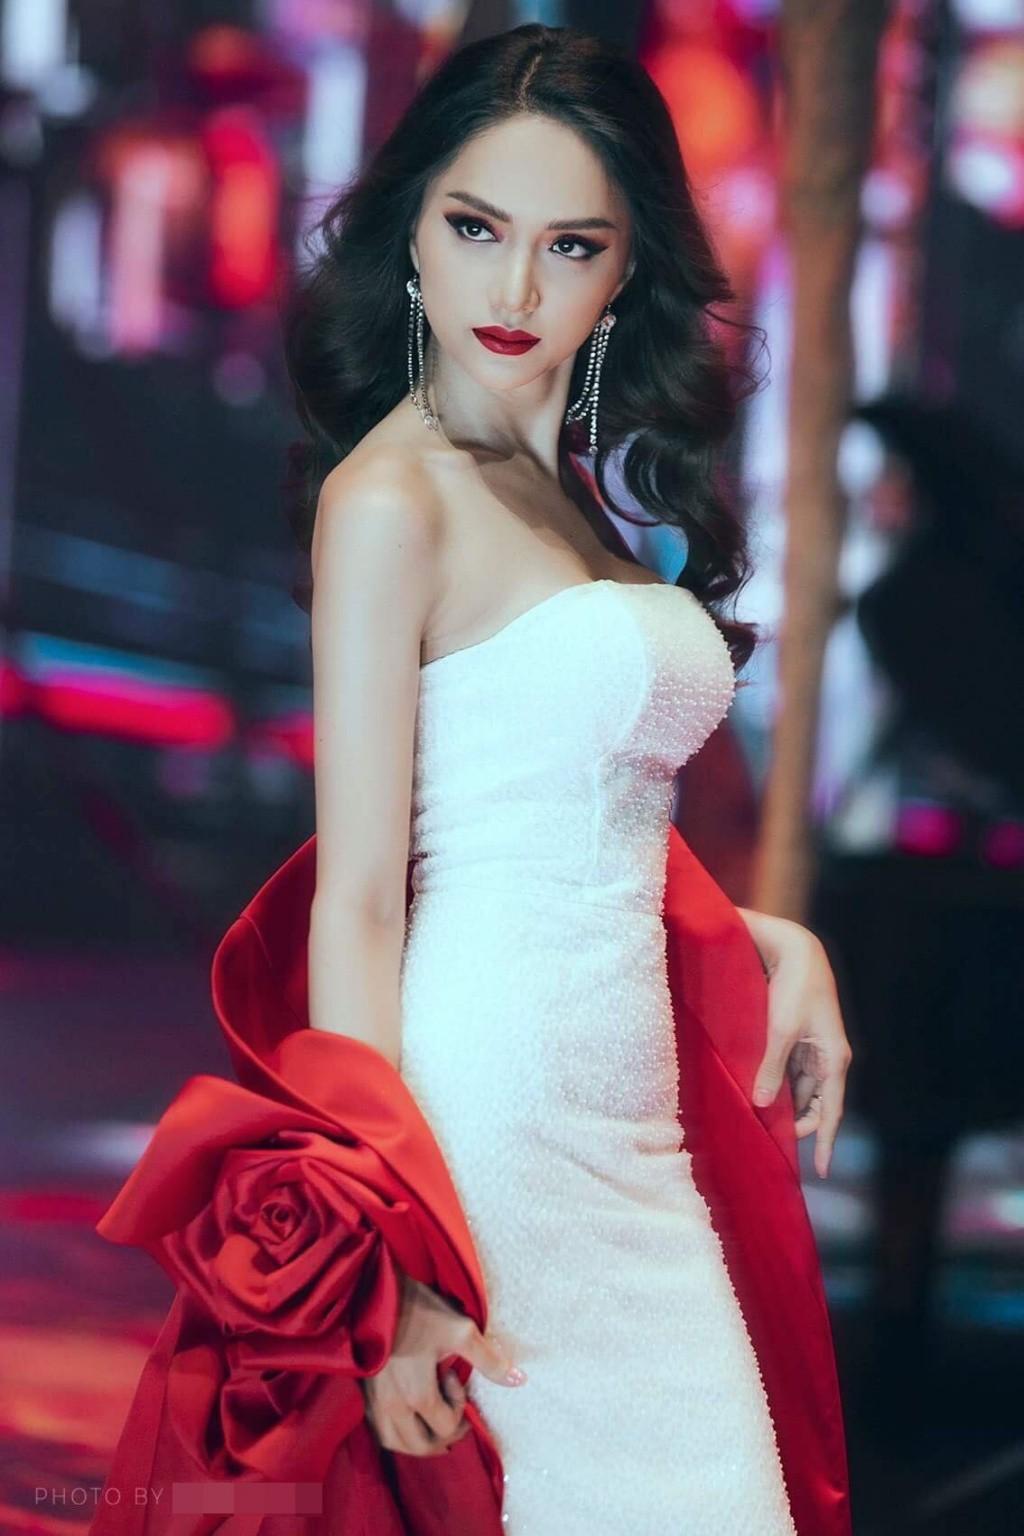 Vietnams Next Top Model 2019: Thanh Hằng khó tham gia mùa 9, Võ Hoàng Yến, Hương Giang được dân mạng ủng hộ - Ảnh 5.